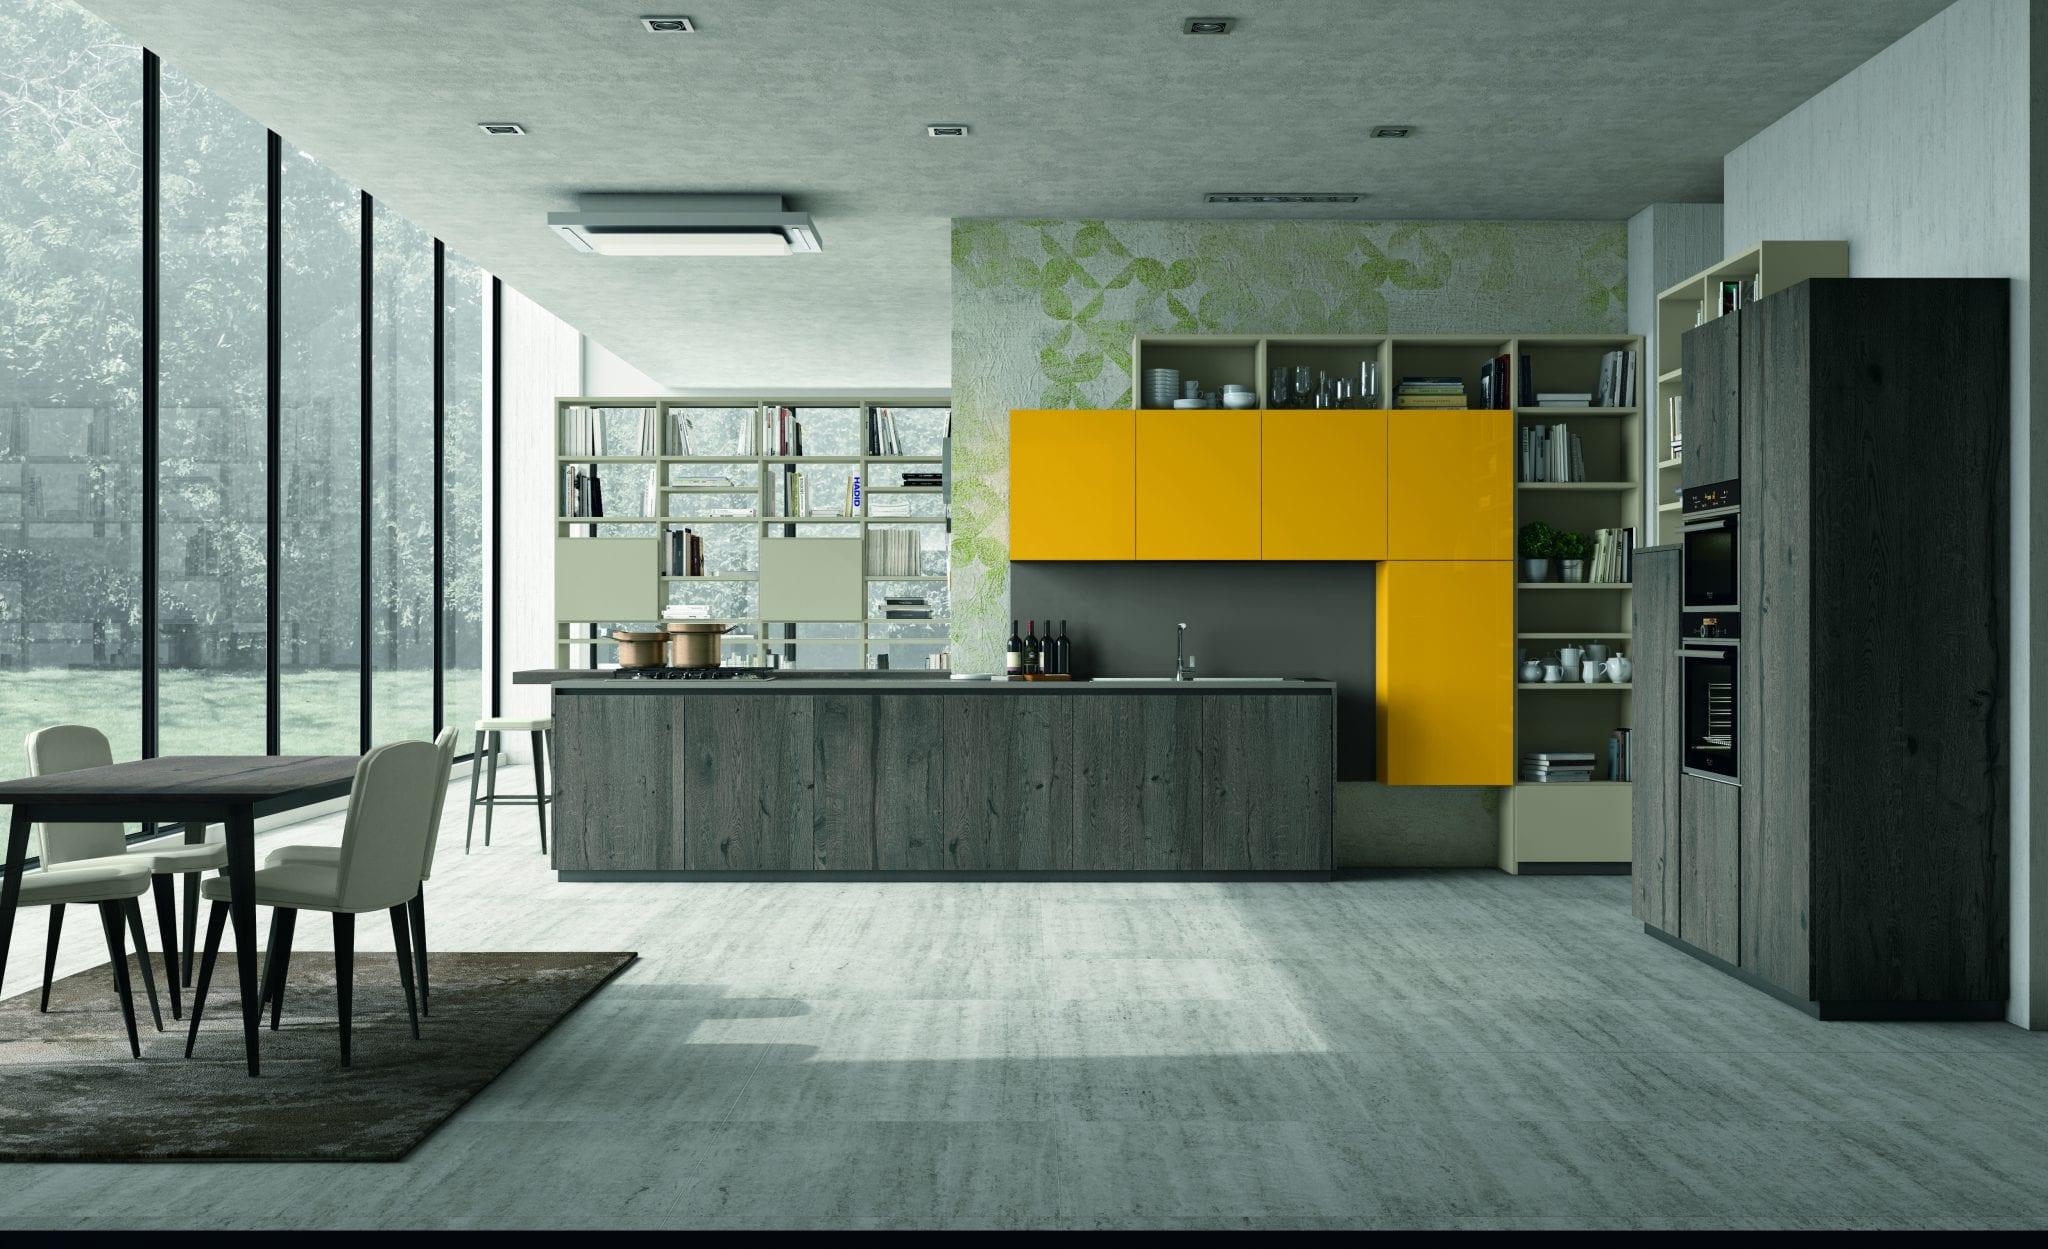 Cucine Lube Bologna - Raimondi Idee Casa Centro Cucine